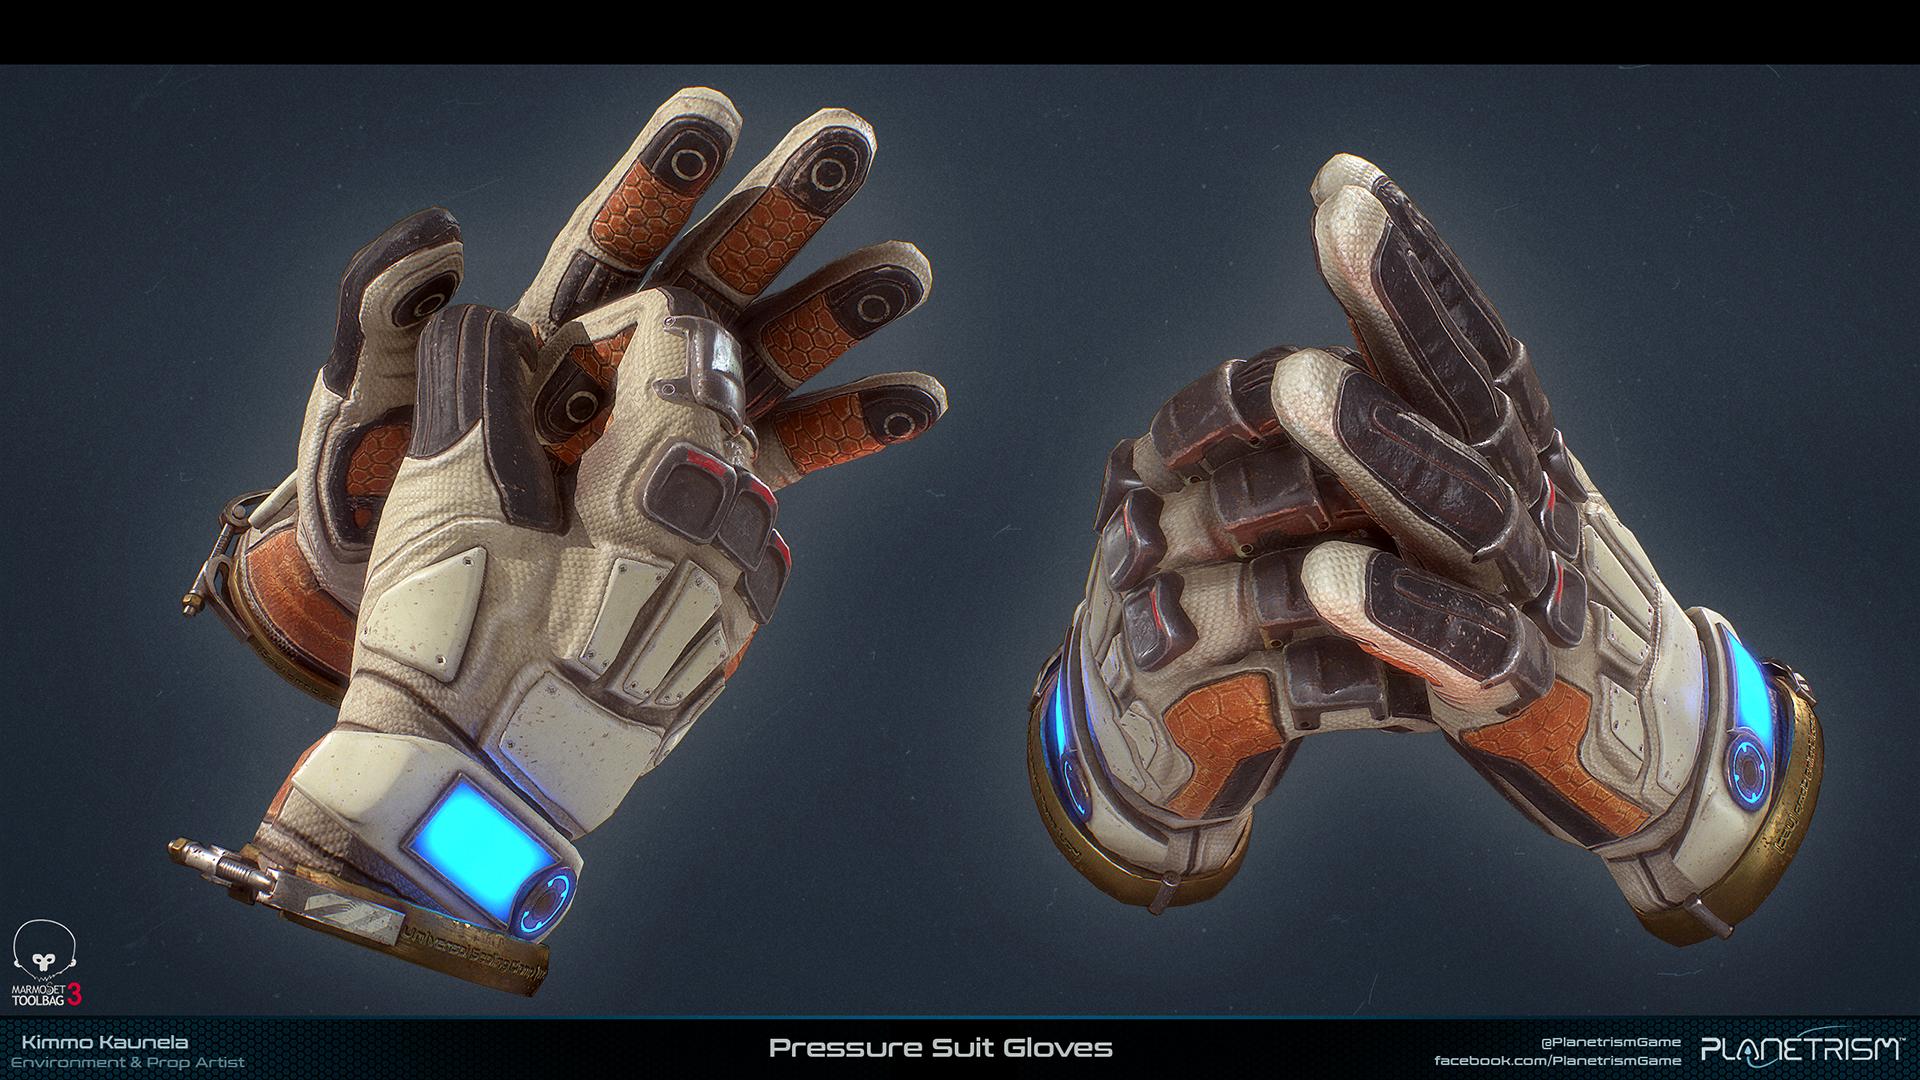 Planetrism - Pressure Suit Gloves